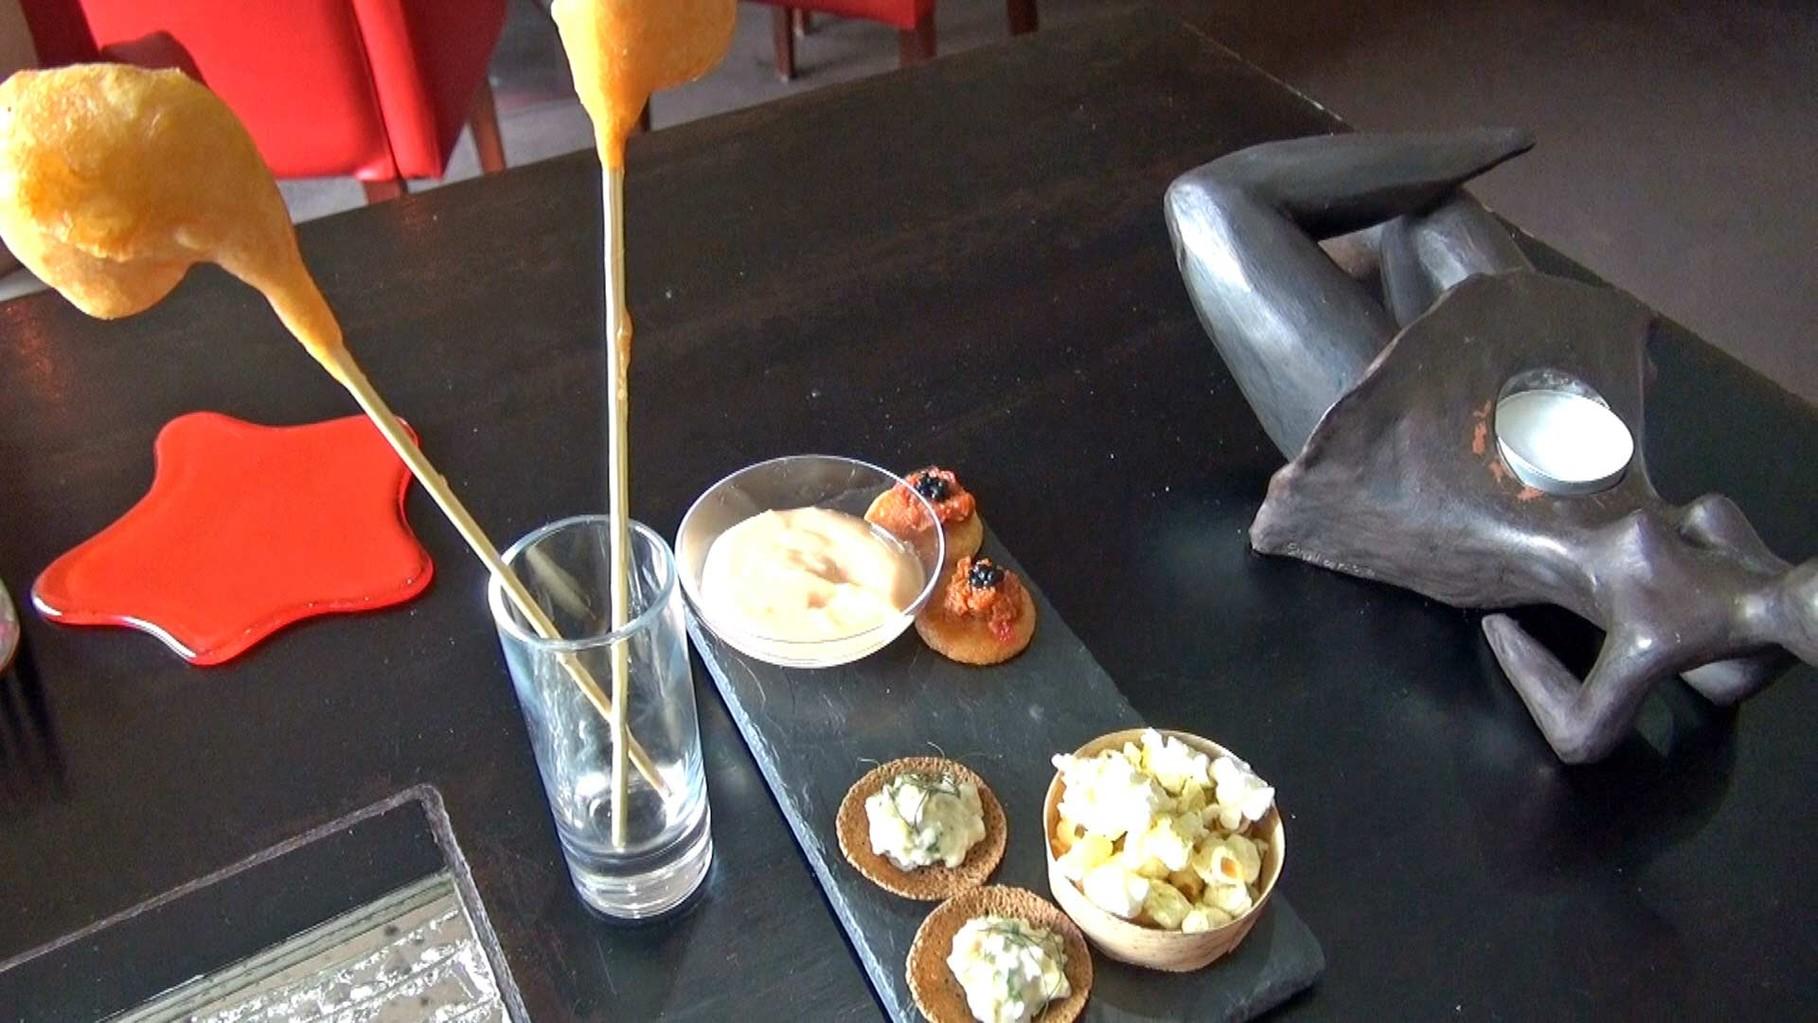 Beignets de crevettes et leur sauce coktail - Pop corn au curry - Sablé parmesan/tomate et oeufs d'avruga - Croustillant de sarrasin et bulot.